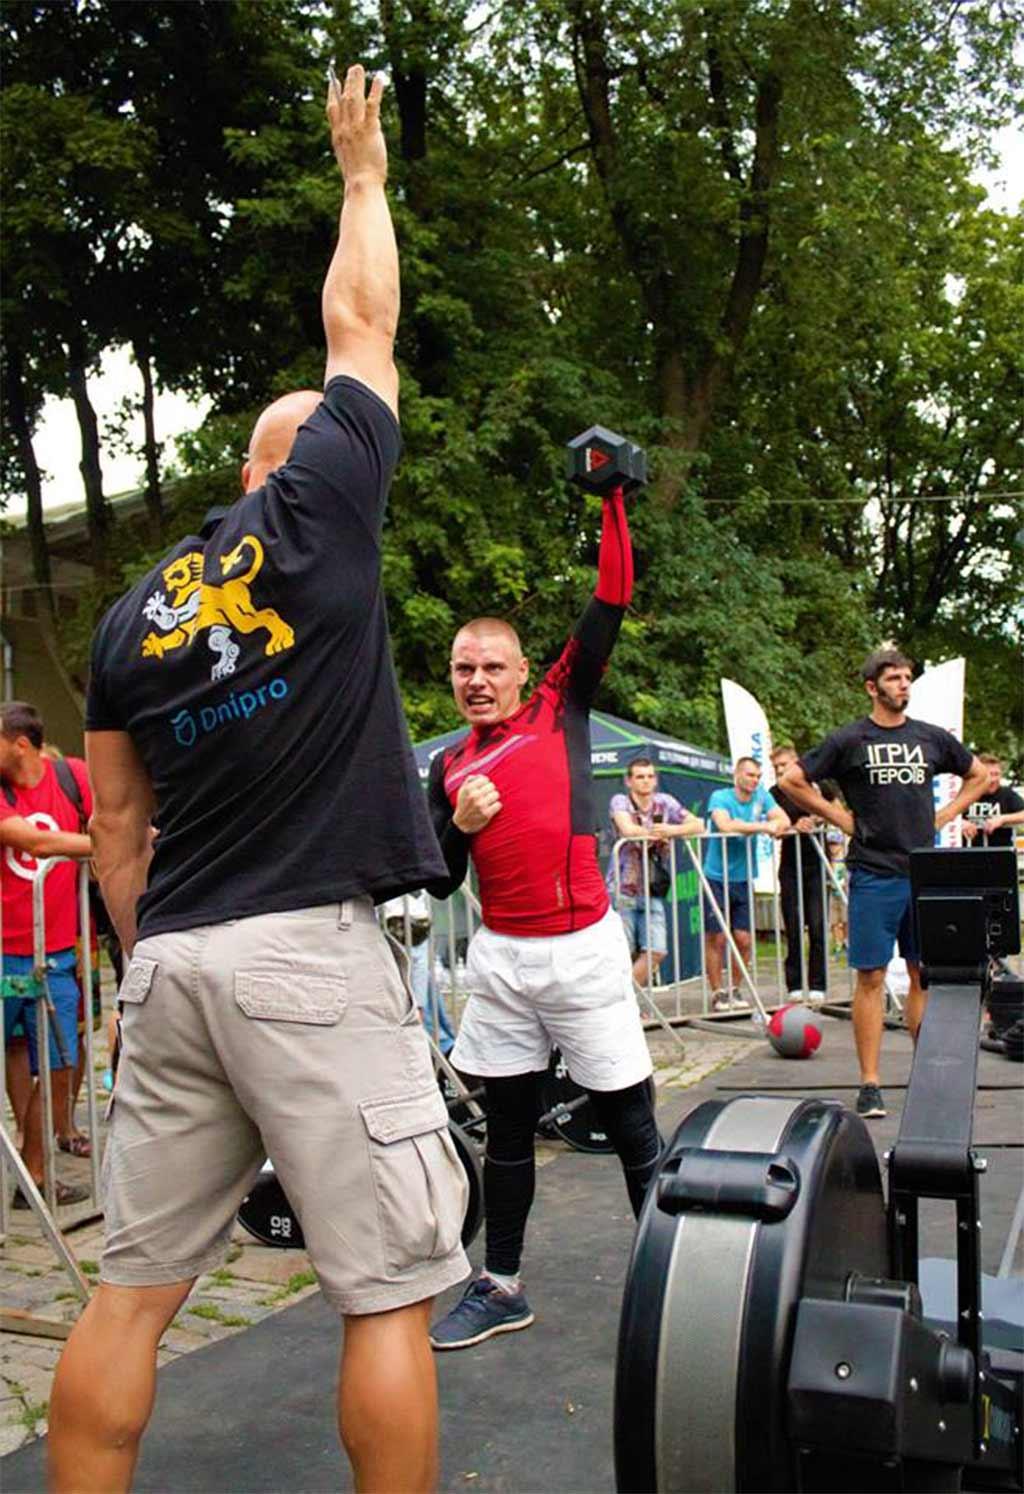 Нещодавно у Дніпрі пройшли змагання з функціонального багатоборства «Ігри Героїв».